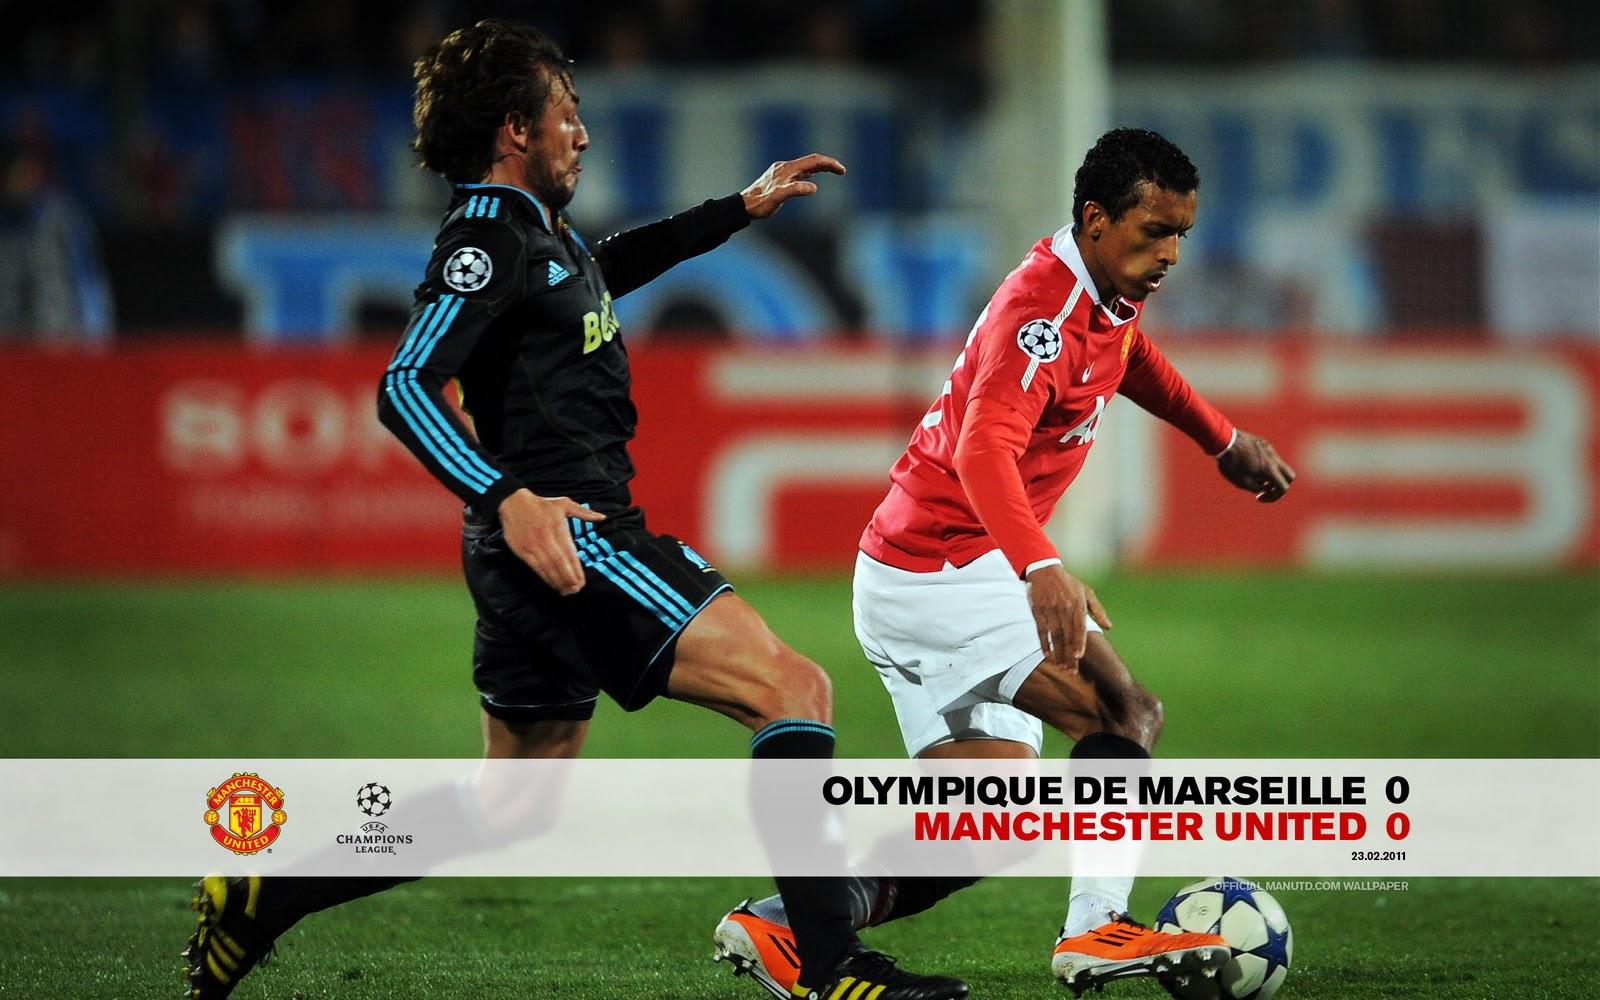 http://2.bp.blogspot.com/-5Dk0FEJa5IA/TWdr57YNc4I/AAAAAAAAE6I/uQeA4j18zQc/s1600/Marseille.jpg